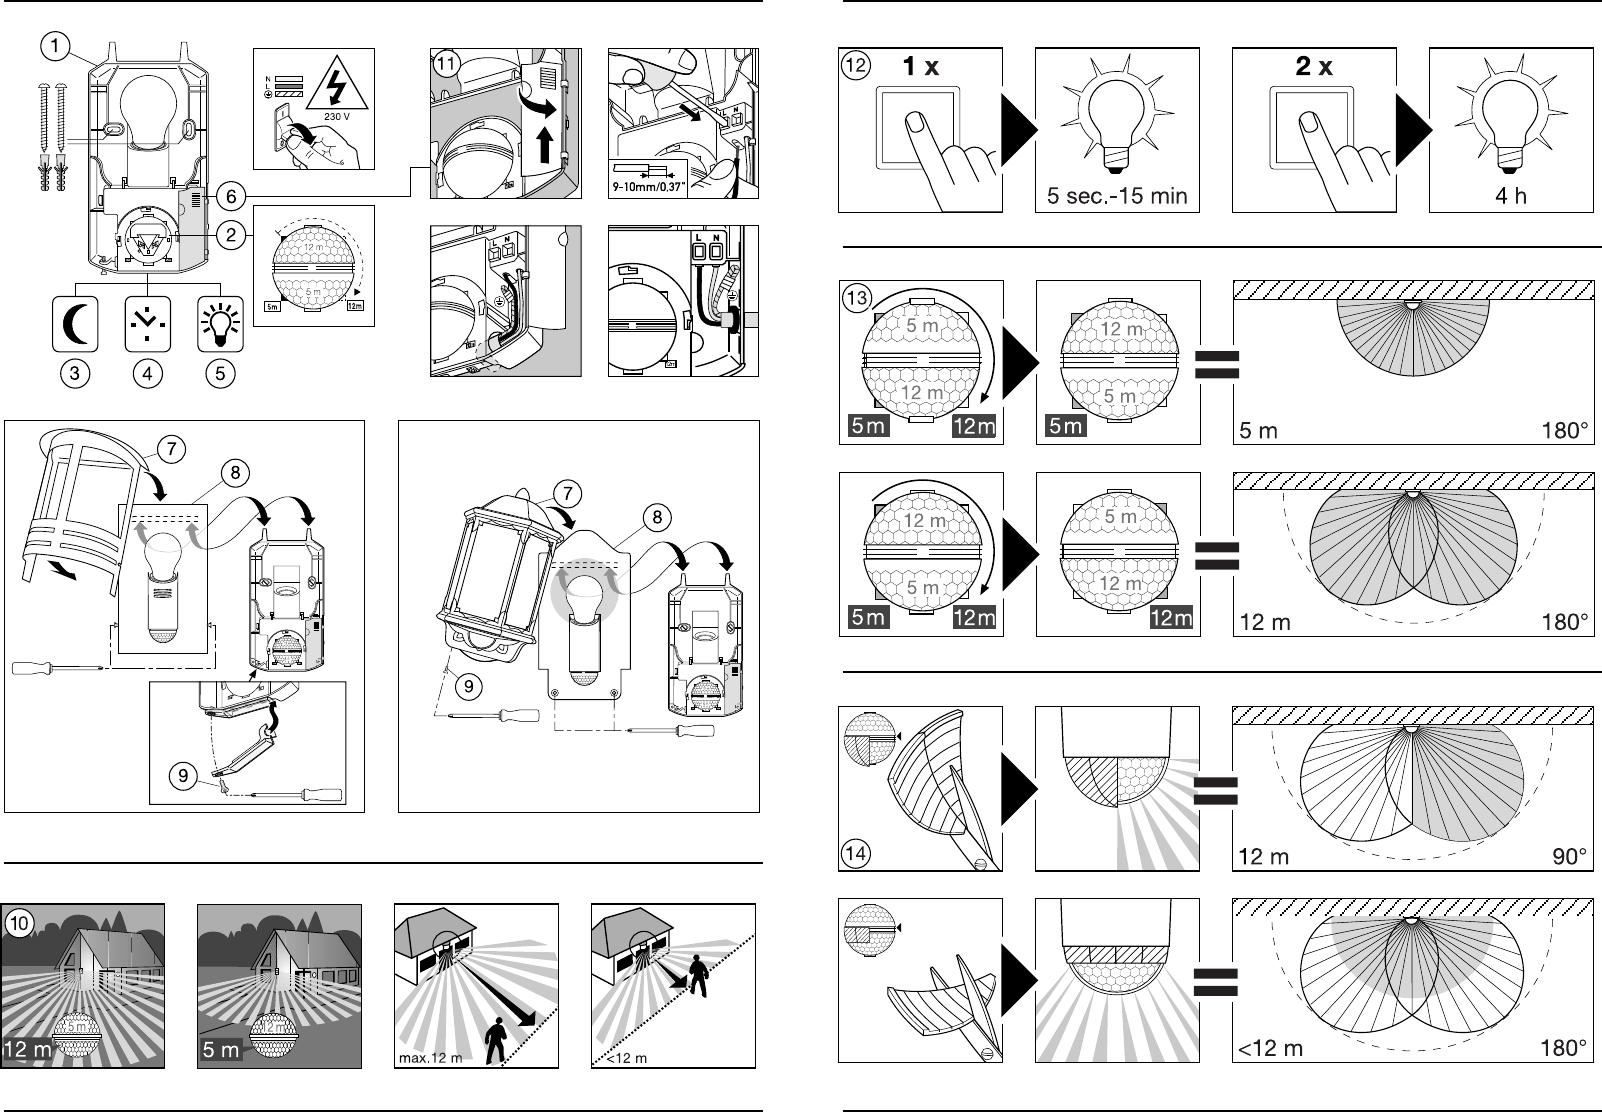 Extrem Bedienungsanleitung Steinel L 190 (Seite 1 von 22) (Alle Sprachen) YK46